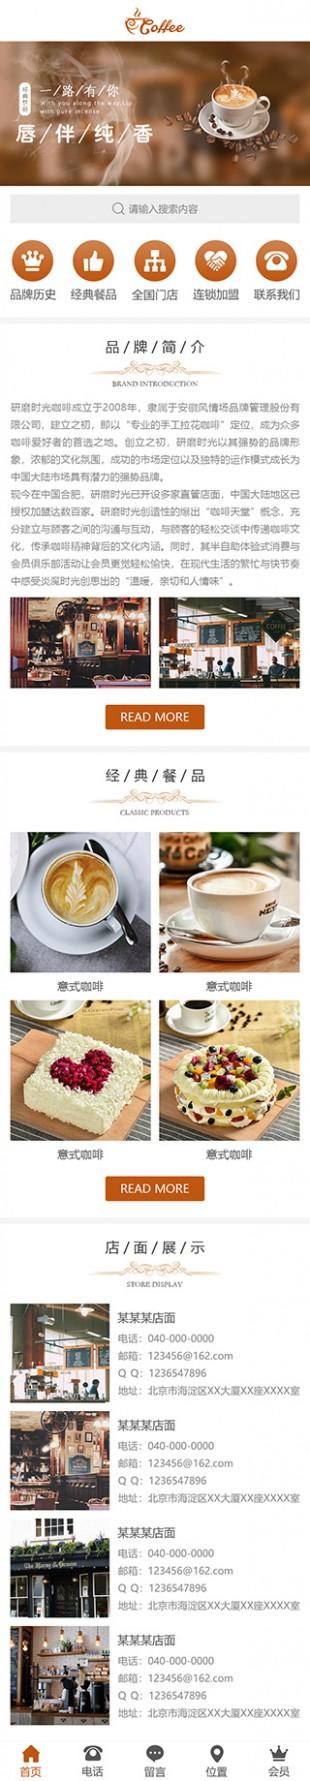 咖啡店网站建设模板手机图片